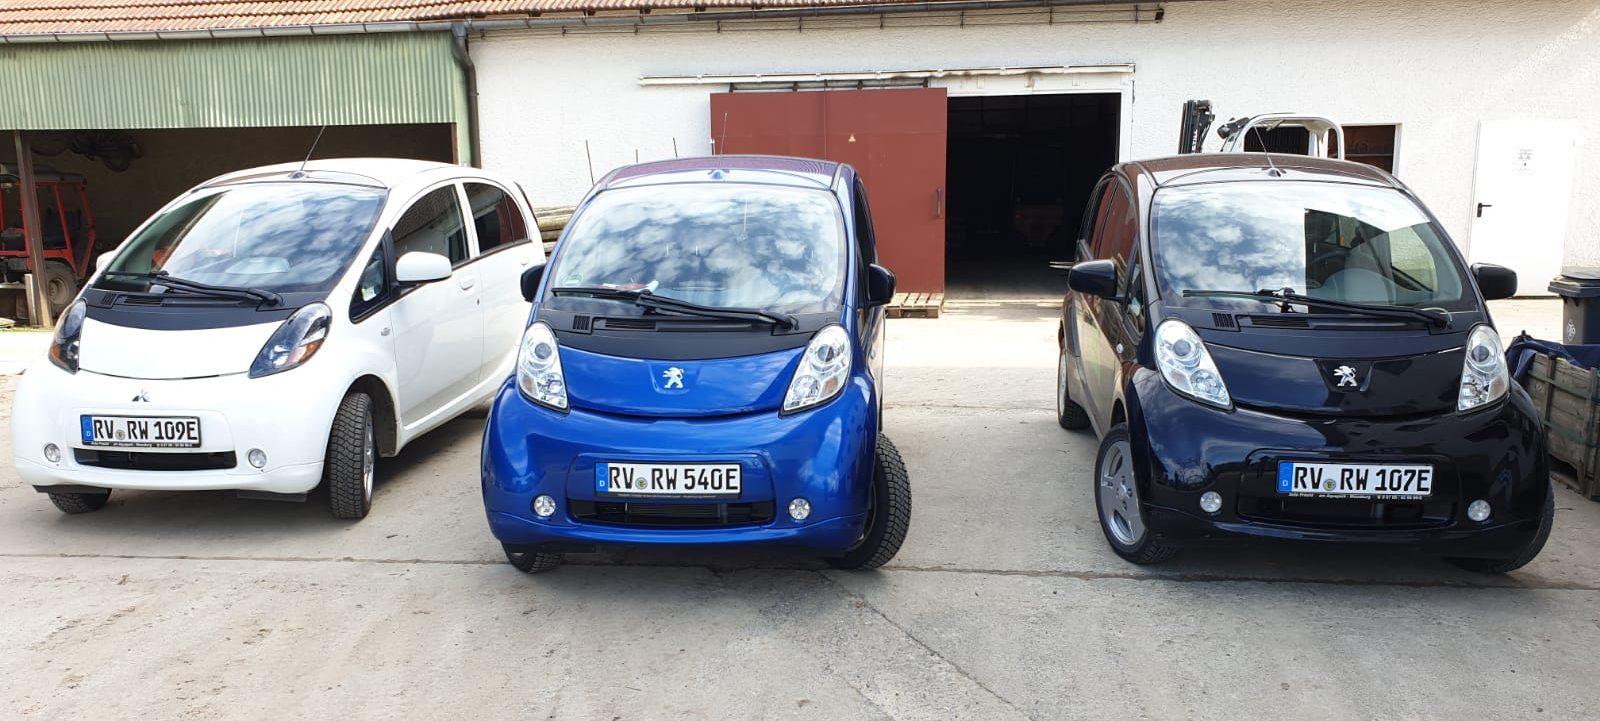 3-Autos-1600x721